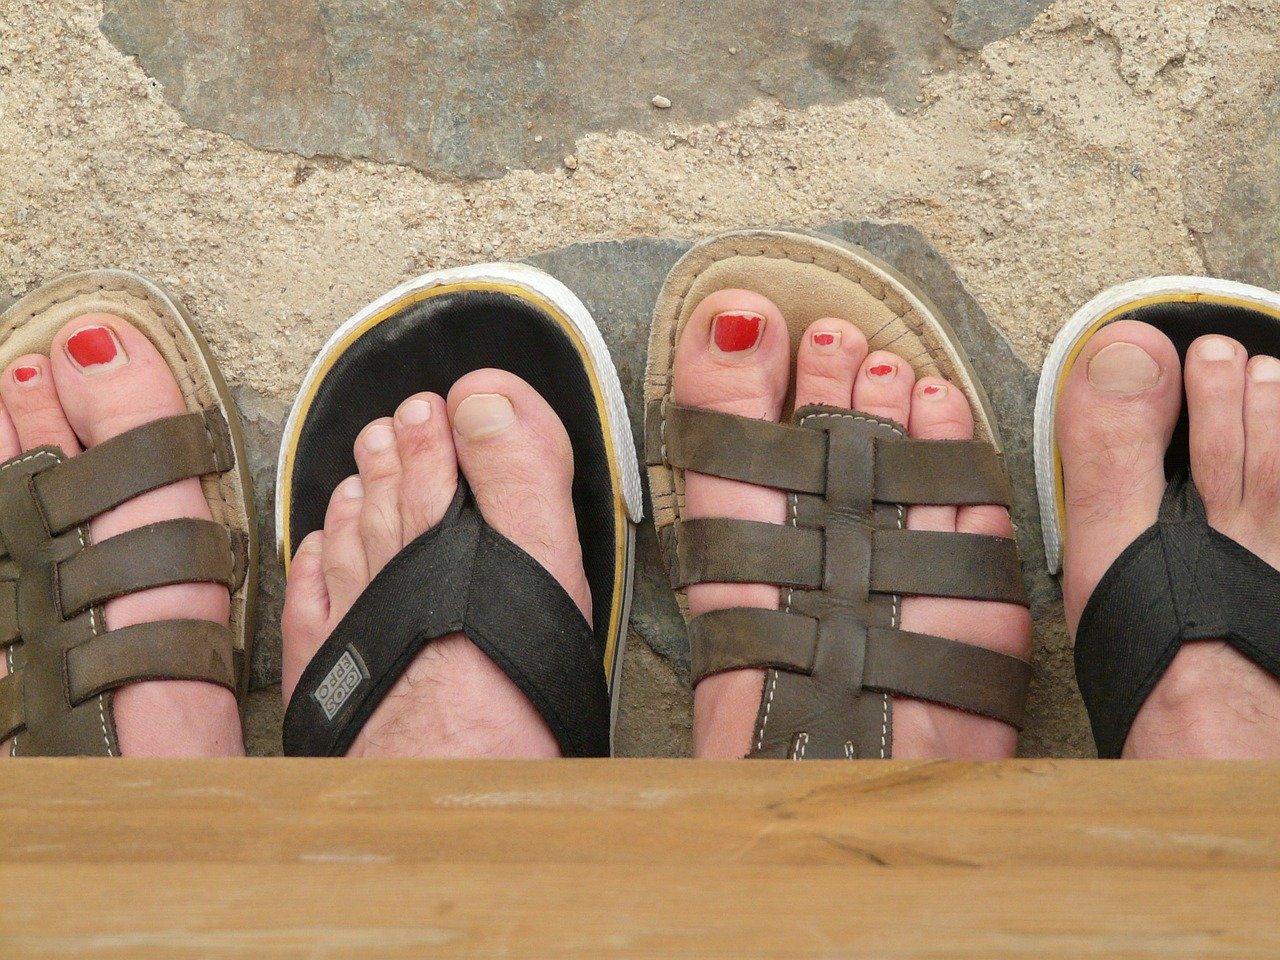 men and women sandals